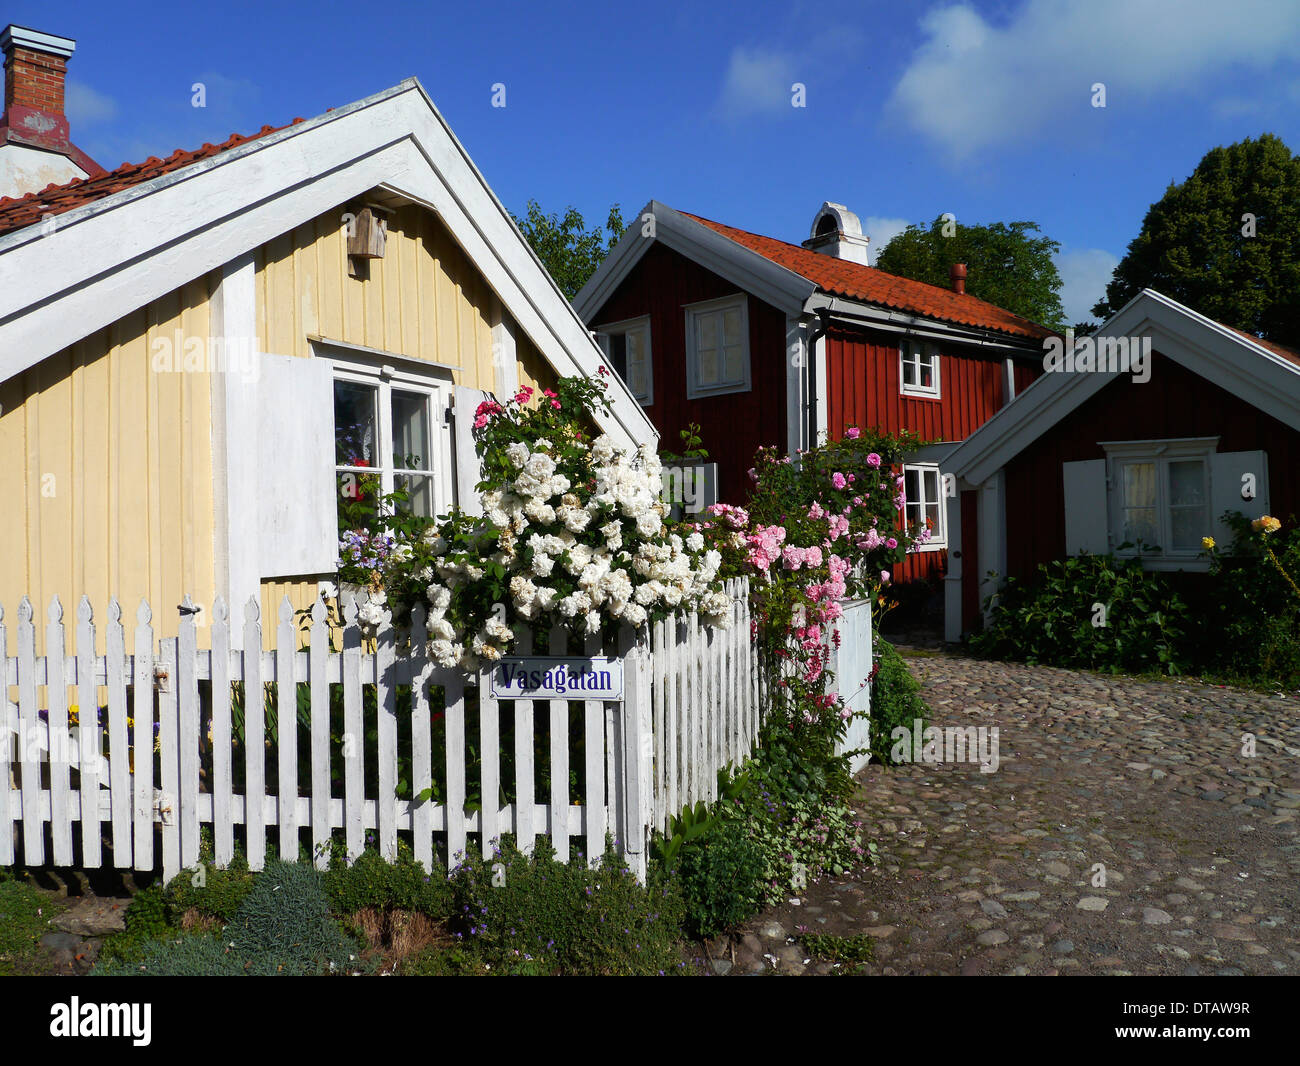 vasagatan in kalmar, småland, sweden - Stock Image